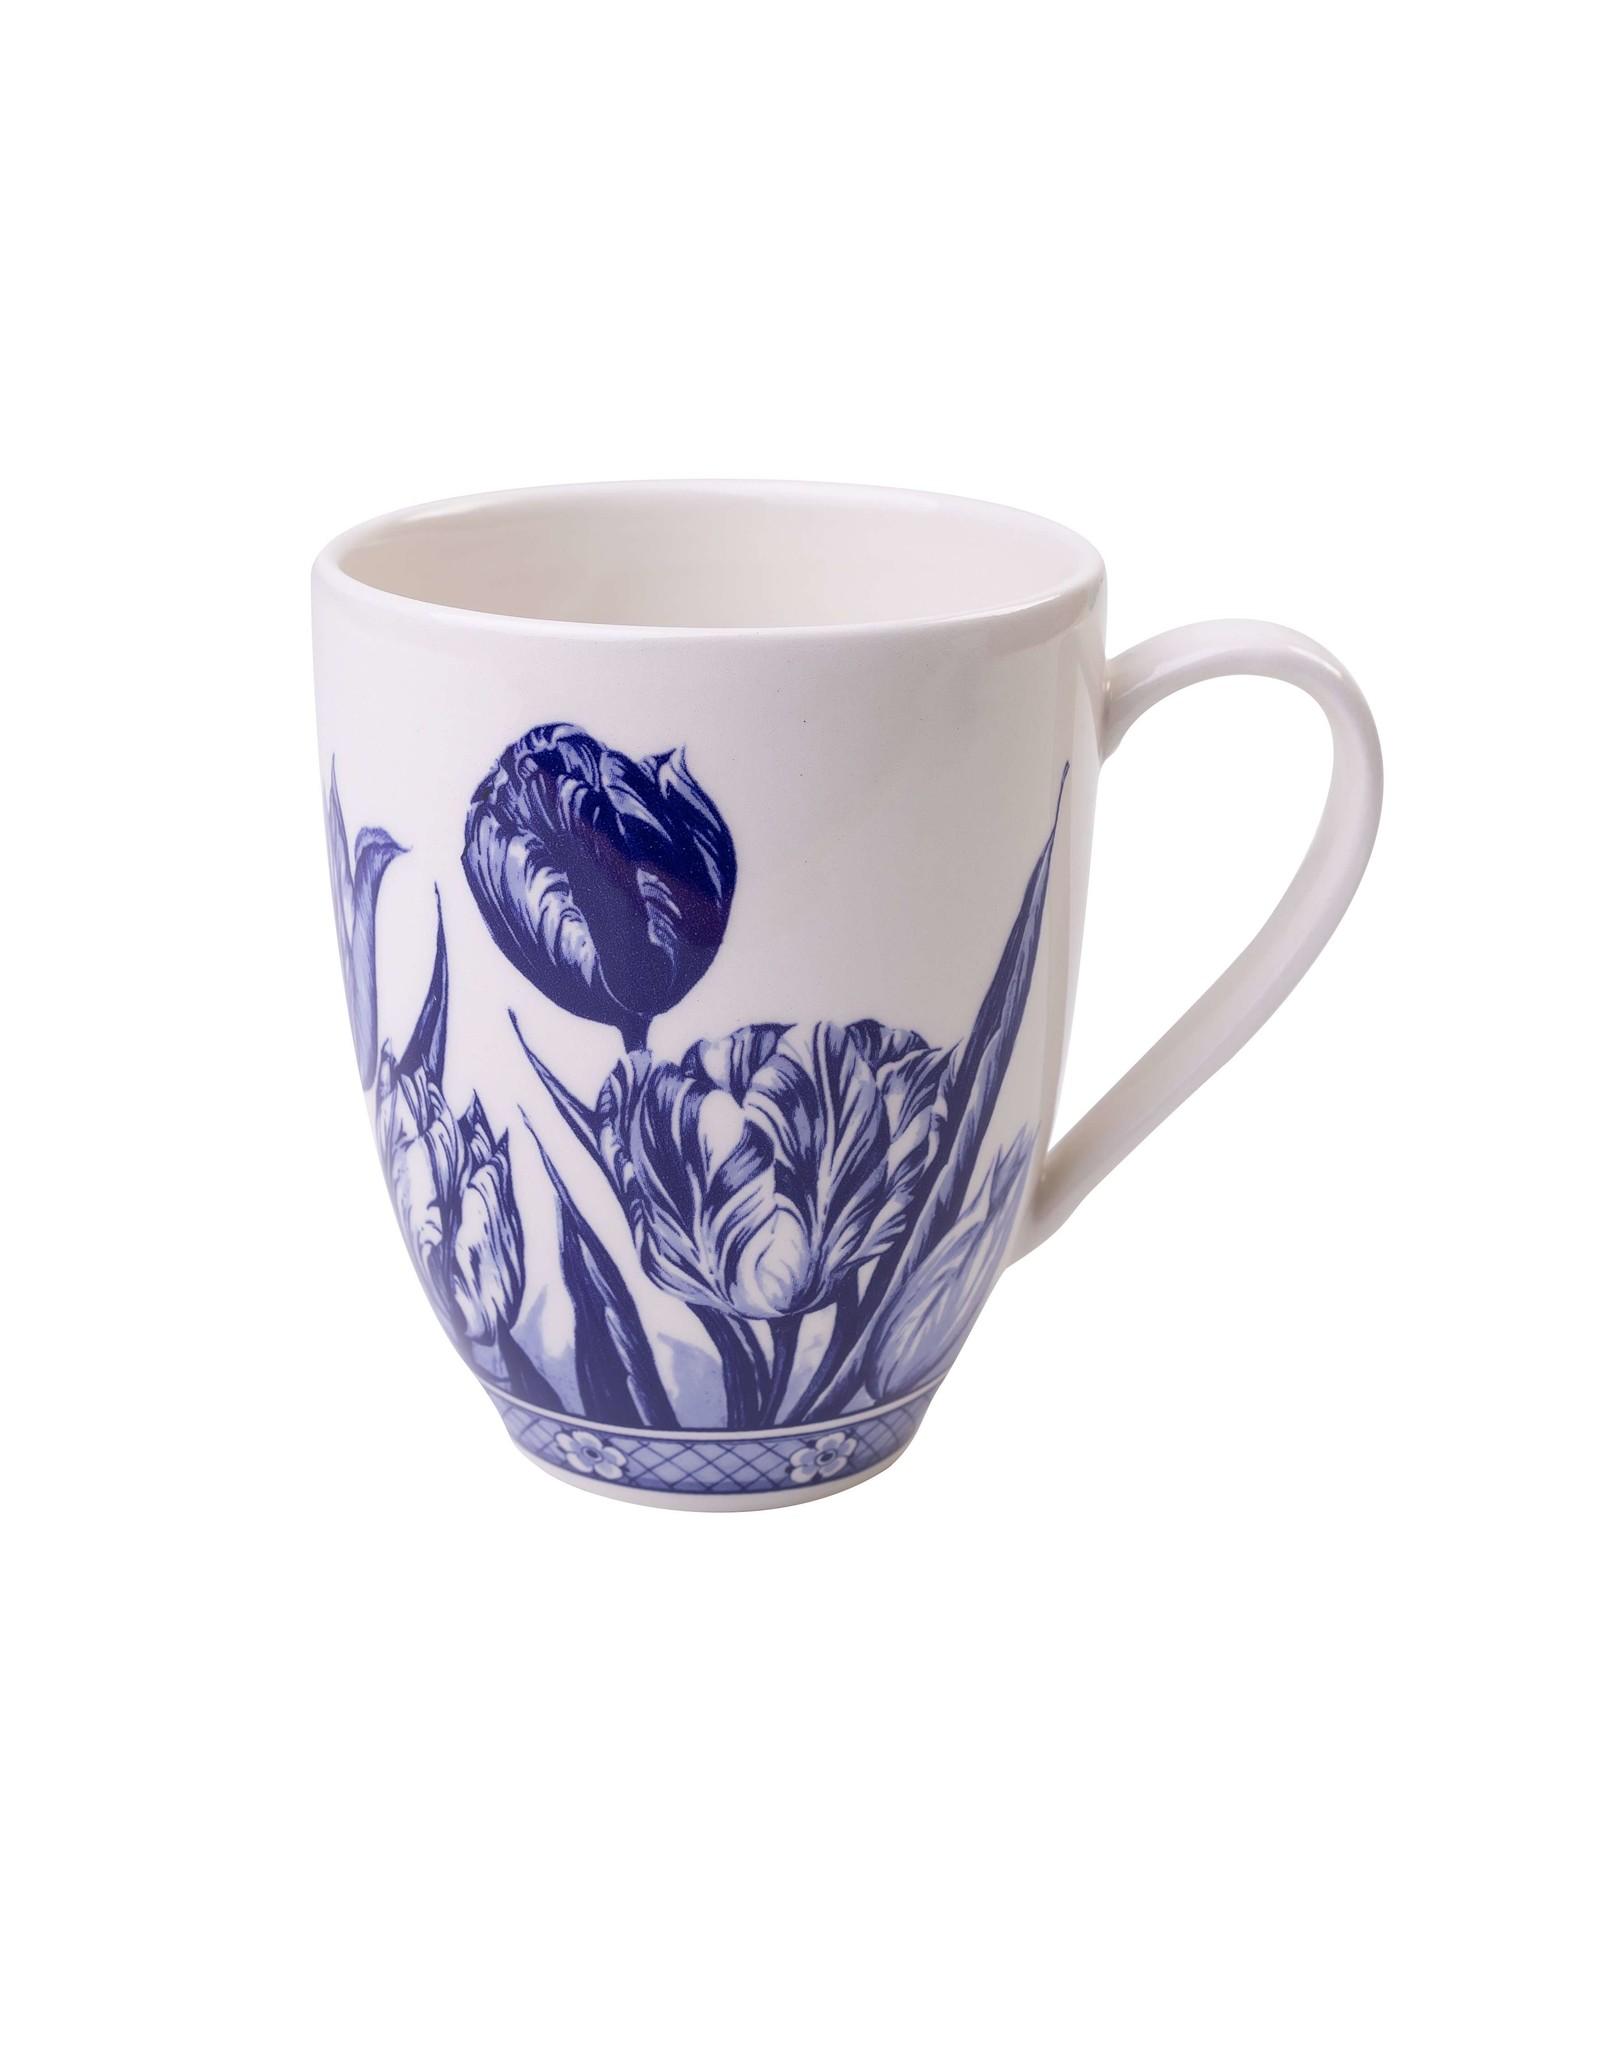 Heinen Delfts Blauw Delfts Blauwe Koffiemok met een Tulp Design, Groot 400 ml